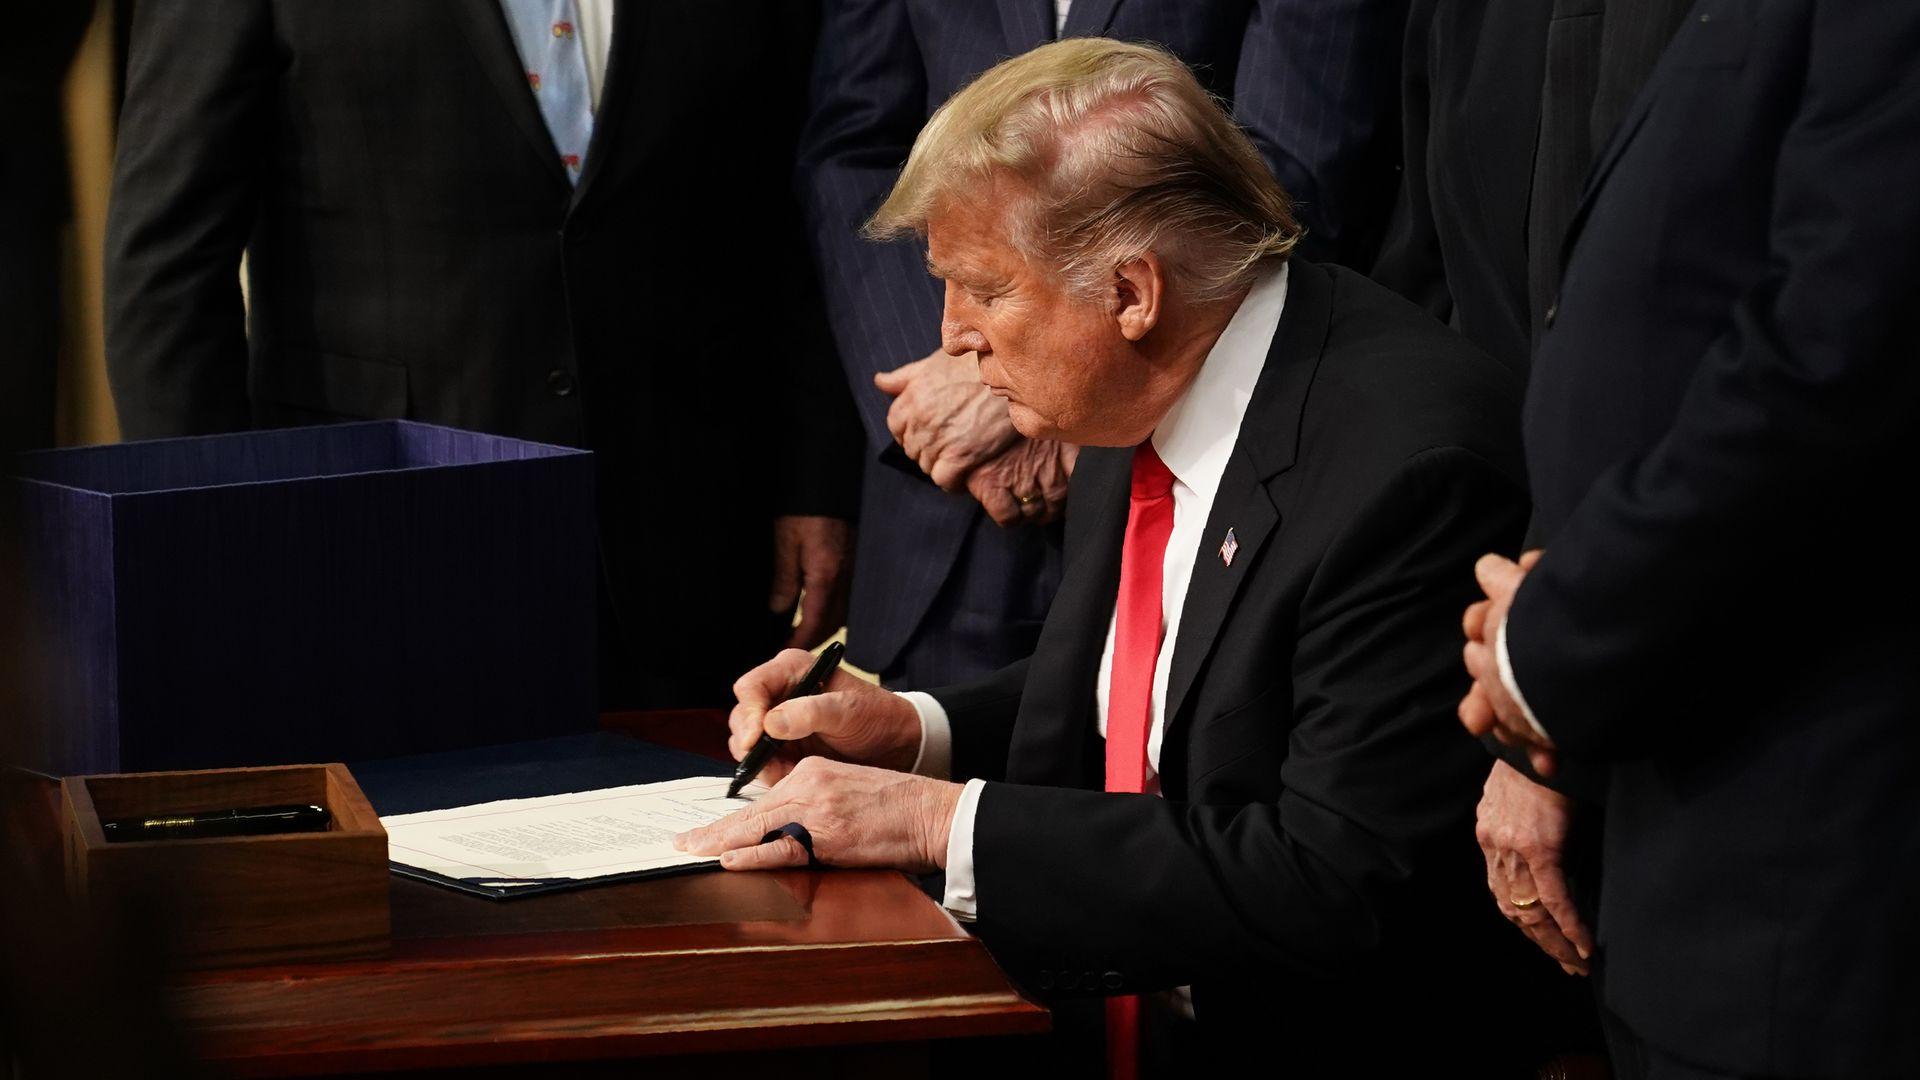 Donald Trump signing a bill.